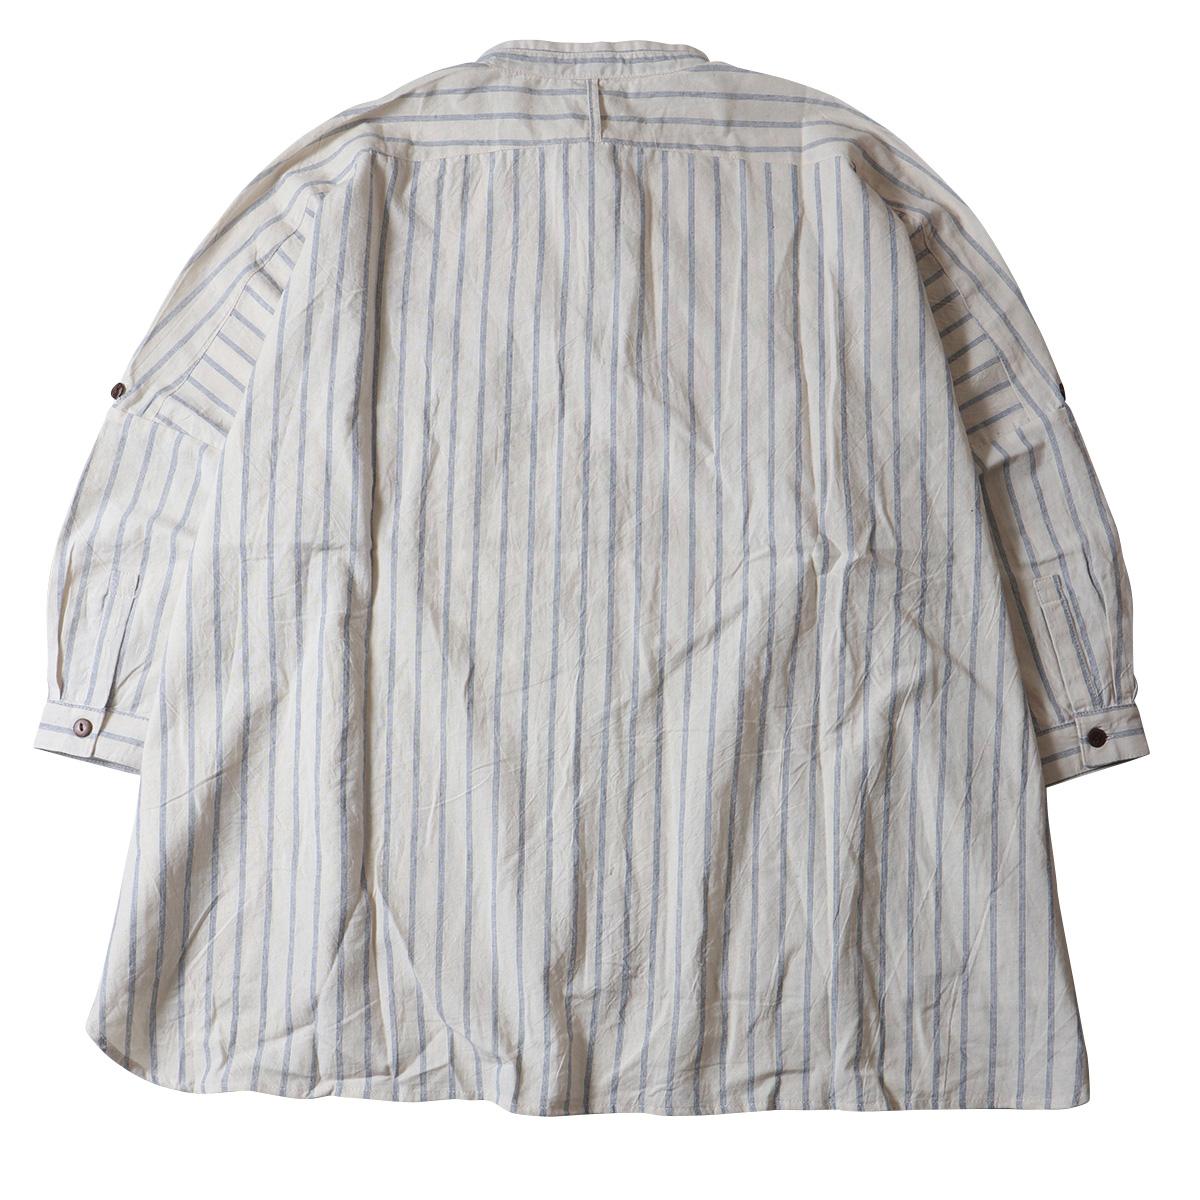 ネパール製 ストライプコットン バンドカラー ビッグシャツ nsr0904